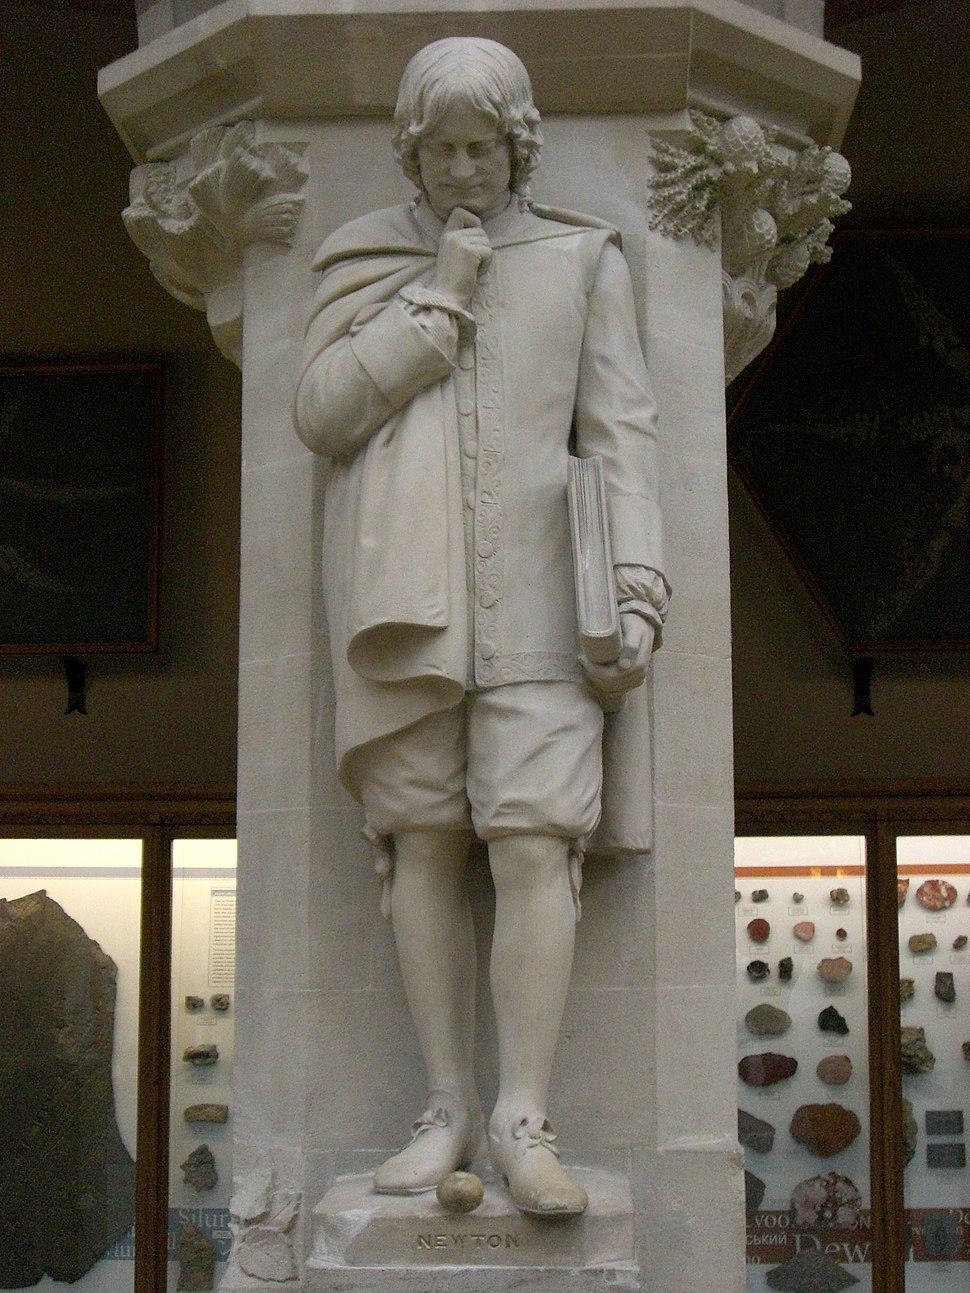 Isaac Newton statue